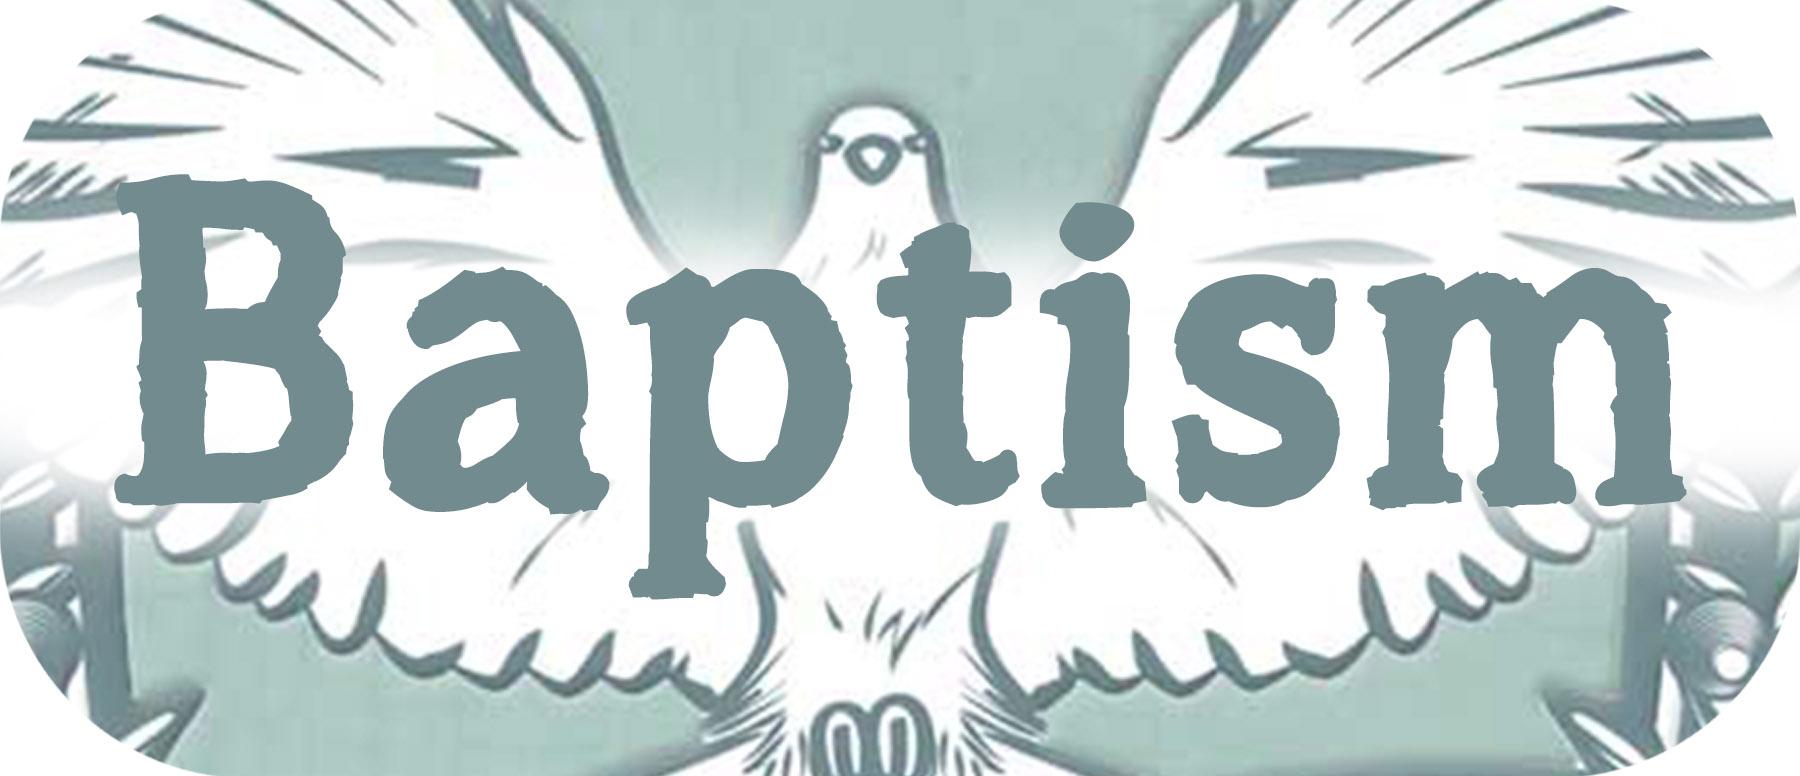 baptism-button.jpg